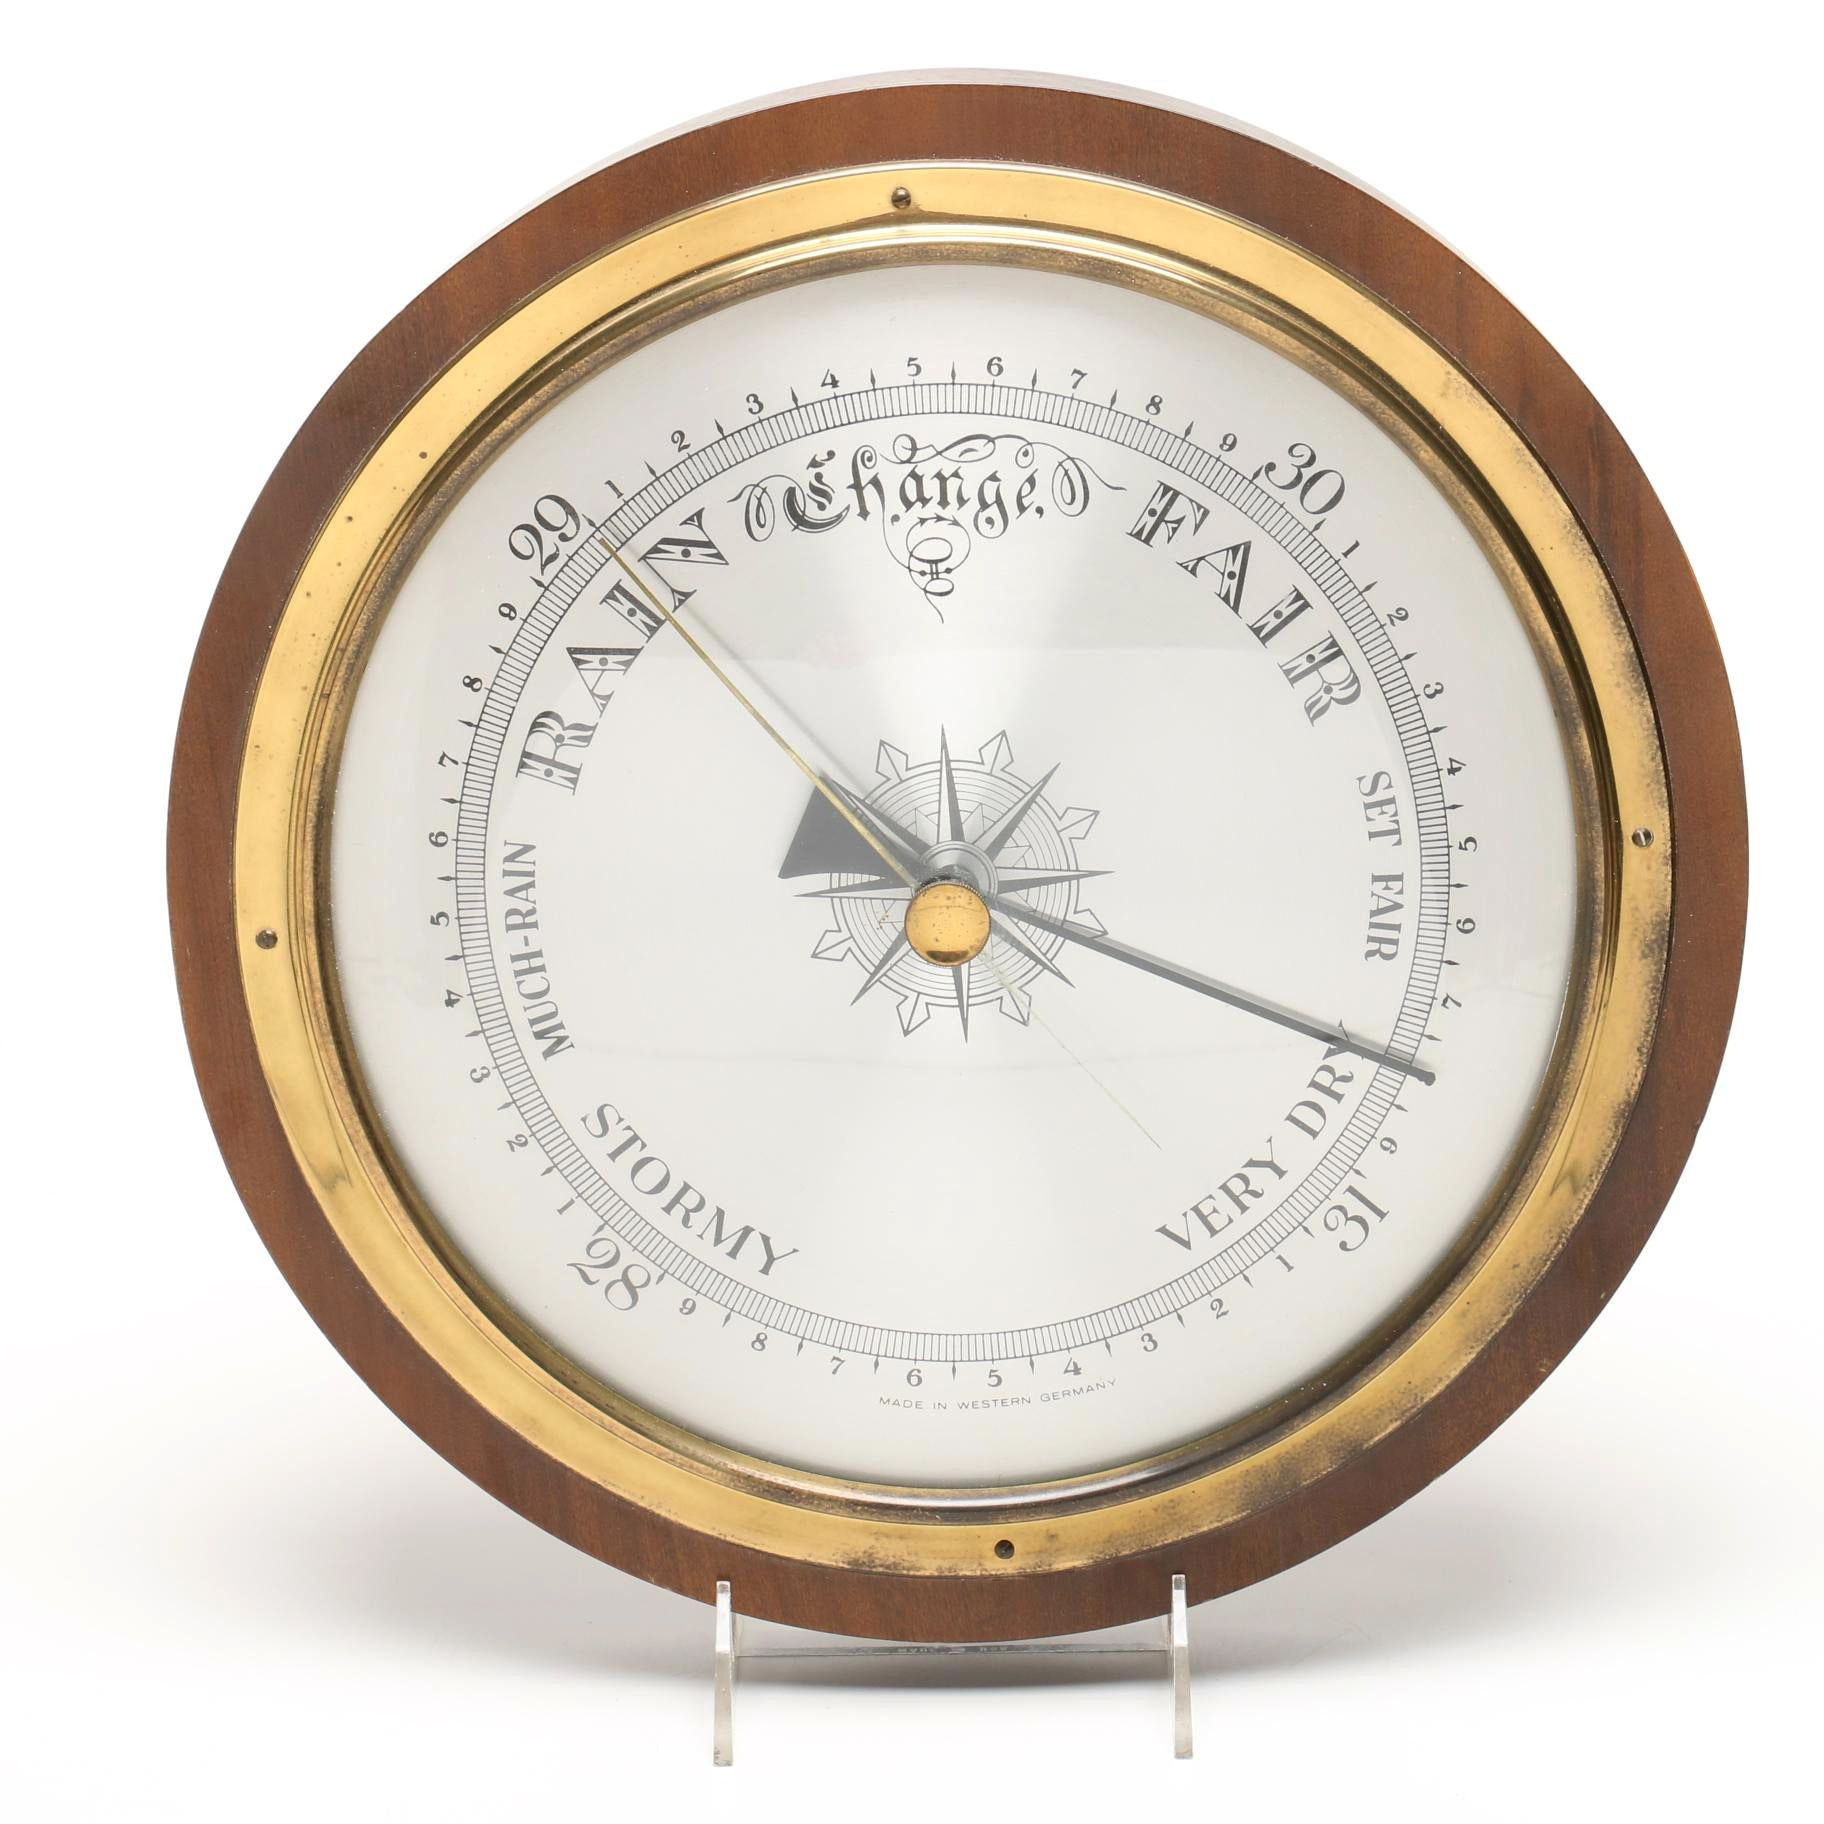 German Wall Barometer